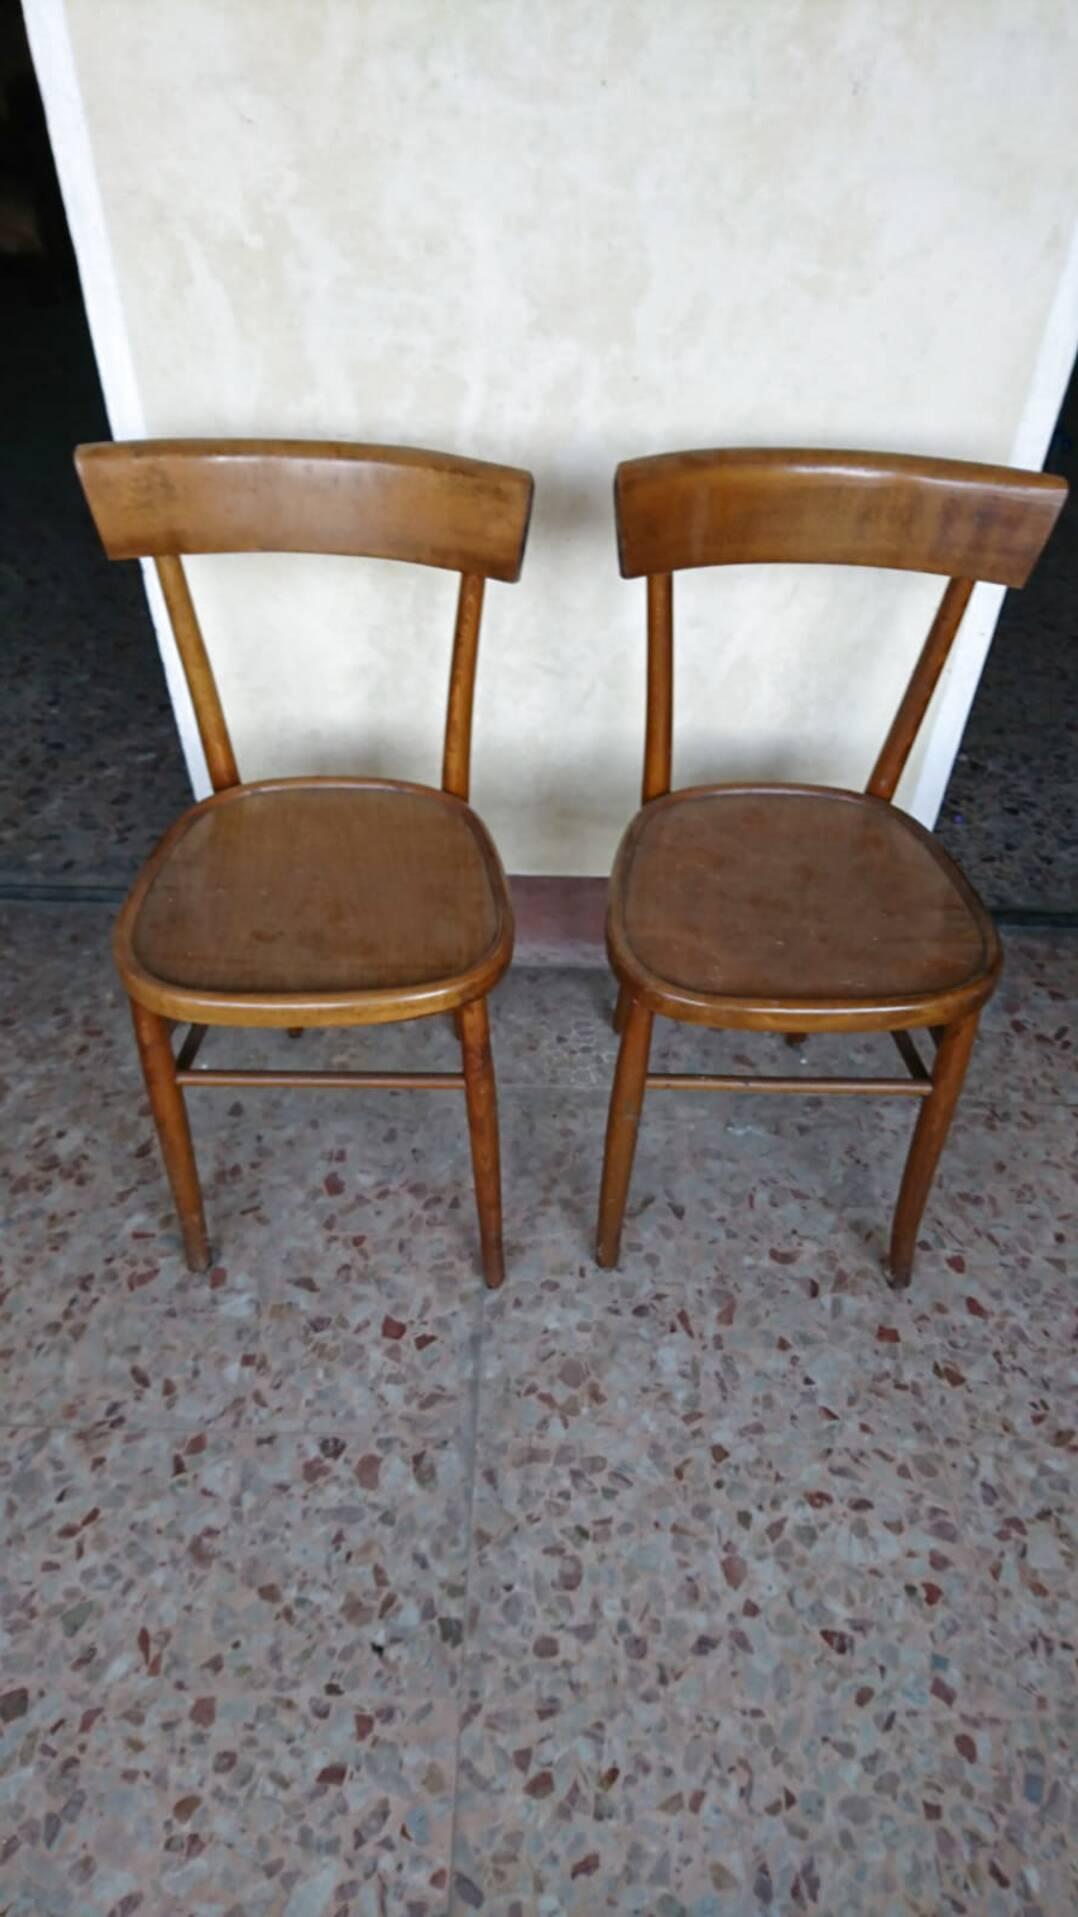 Poltroncina da ufficio in pelle nera e braccioli in legno moderna. Sedie Anni 50 Usato In Italia Vedi Tutte I 60 Prezzi